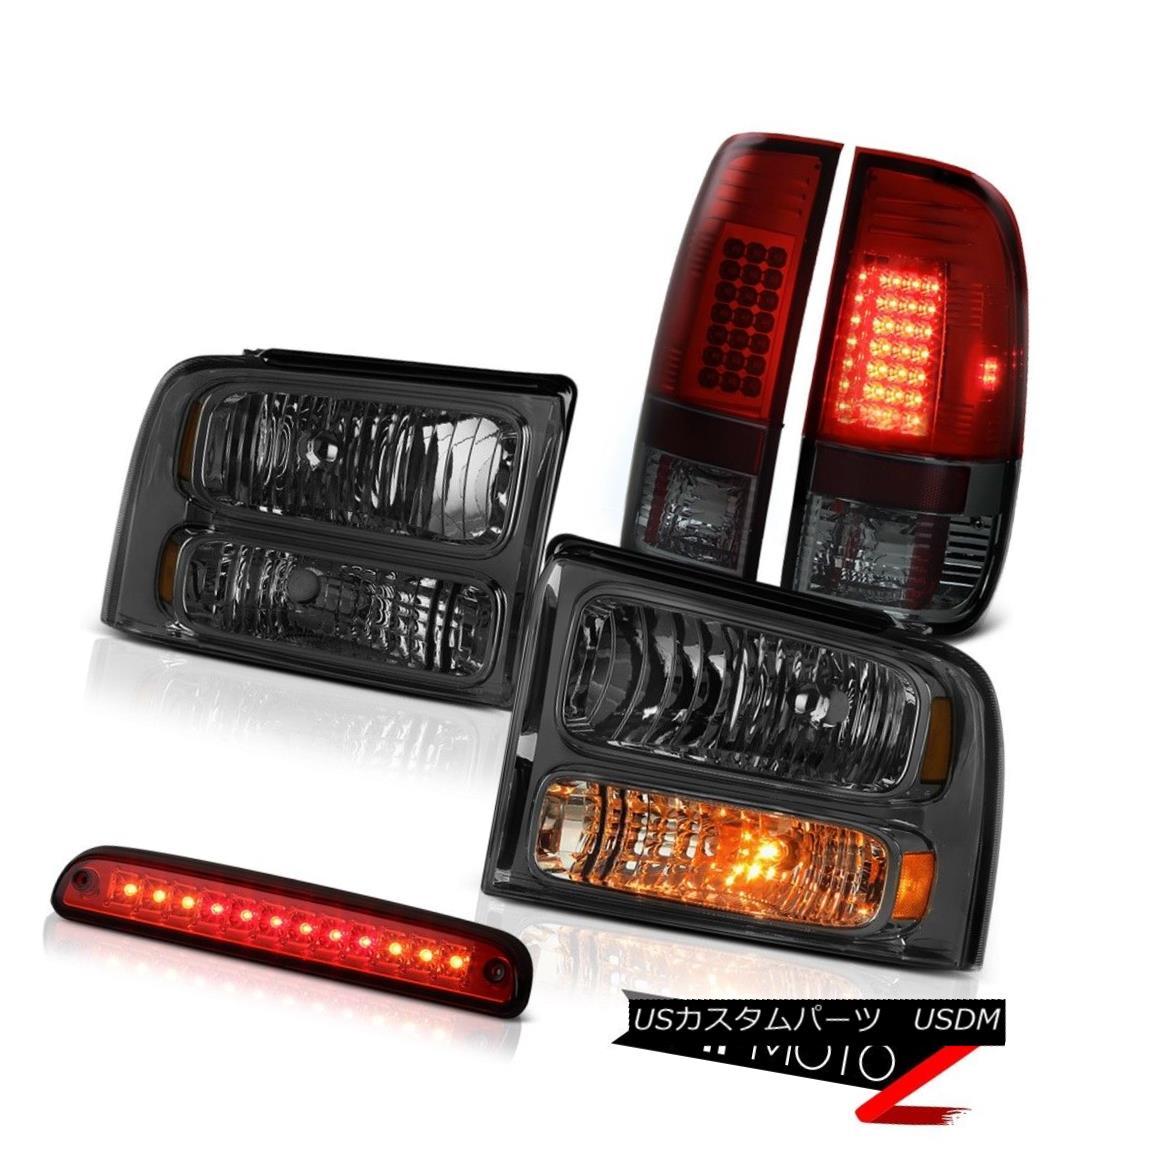 ヘッドライト 05-07 Ford F550 Smoke Headlights LEFT RIGHT LED Bulbs Brake Tail Lights Red 3rd 05-07 Ford F550スモークヘッドライトLEFT RIGHT LED電球ブレーキテールライトレッド3rd